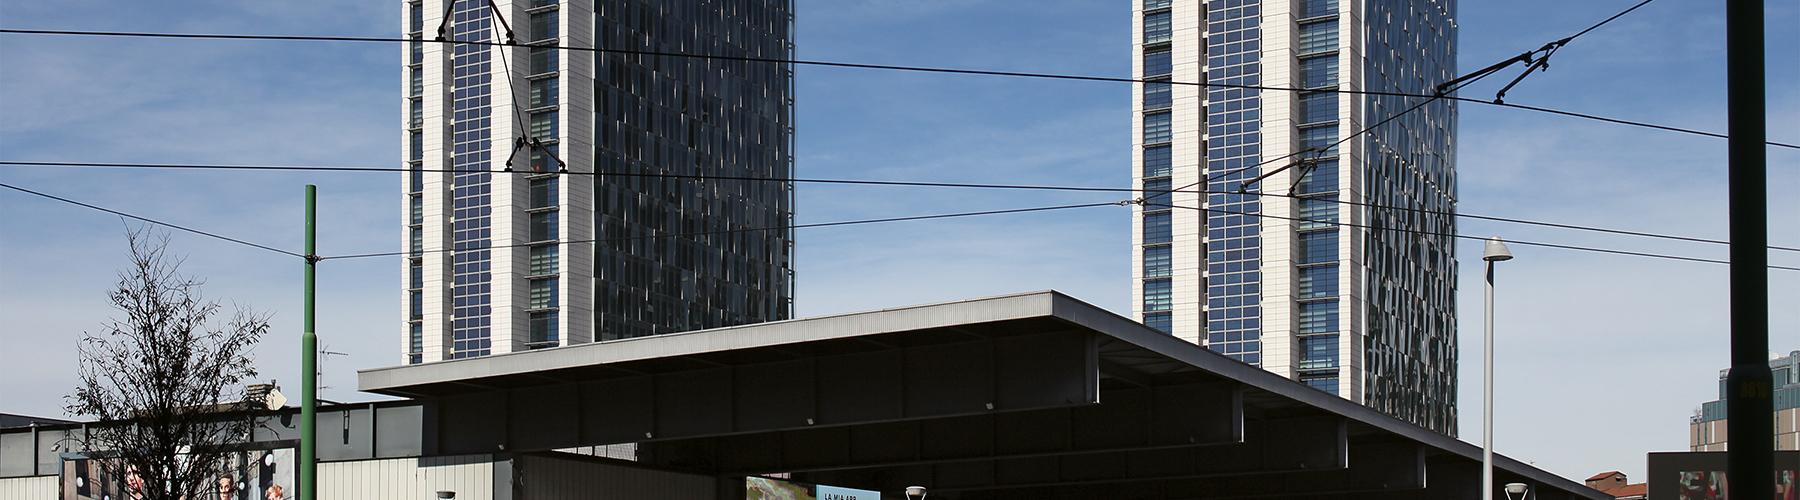 밀라노 - 밀라노 포르타 가리발디 기차역에 가까운 캠핑장. 밀라노의 지도, 밀라노에 위치한 캠핑장에 대한 사진 및 리뷰.